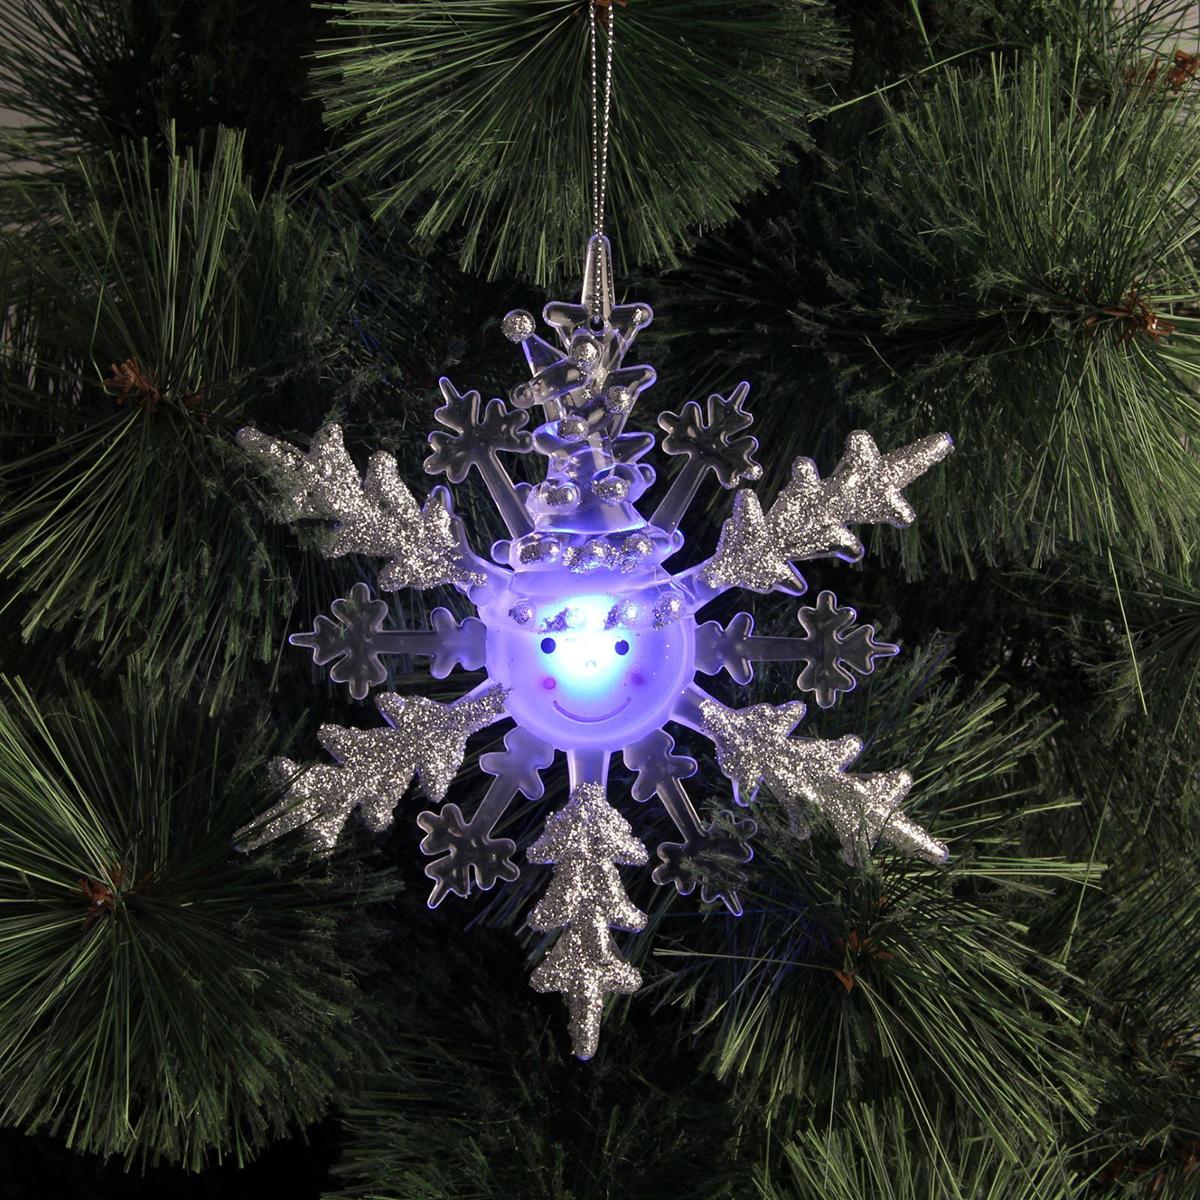 Подвесное украшение праздничное Luazon Lighting Снежинка-снеговик, с подсветкой, цвет: серебряный украшение luazon снежинка blue 2314974